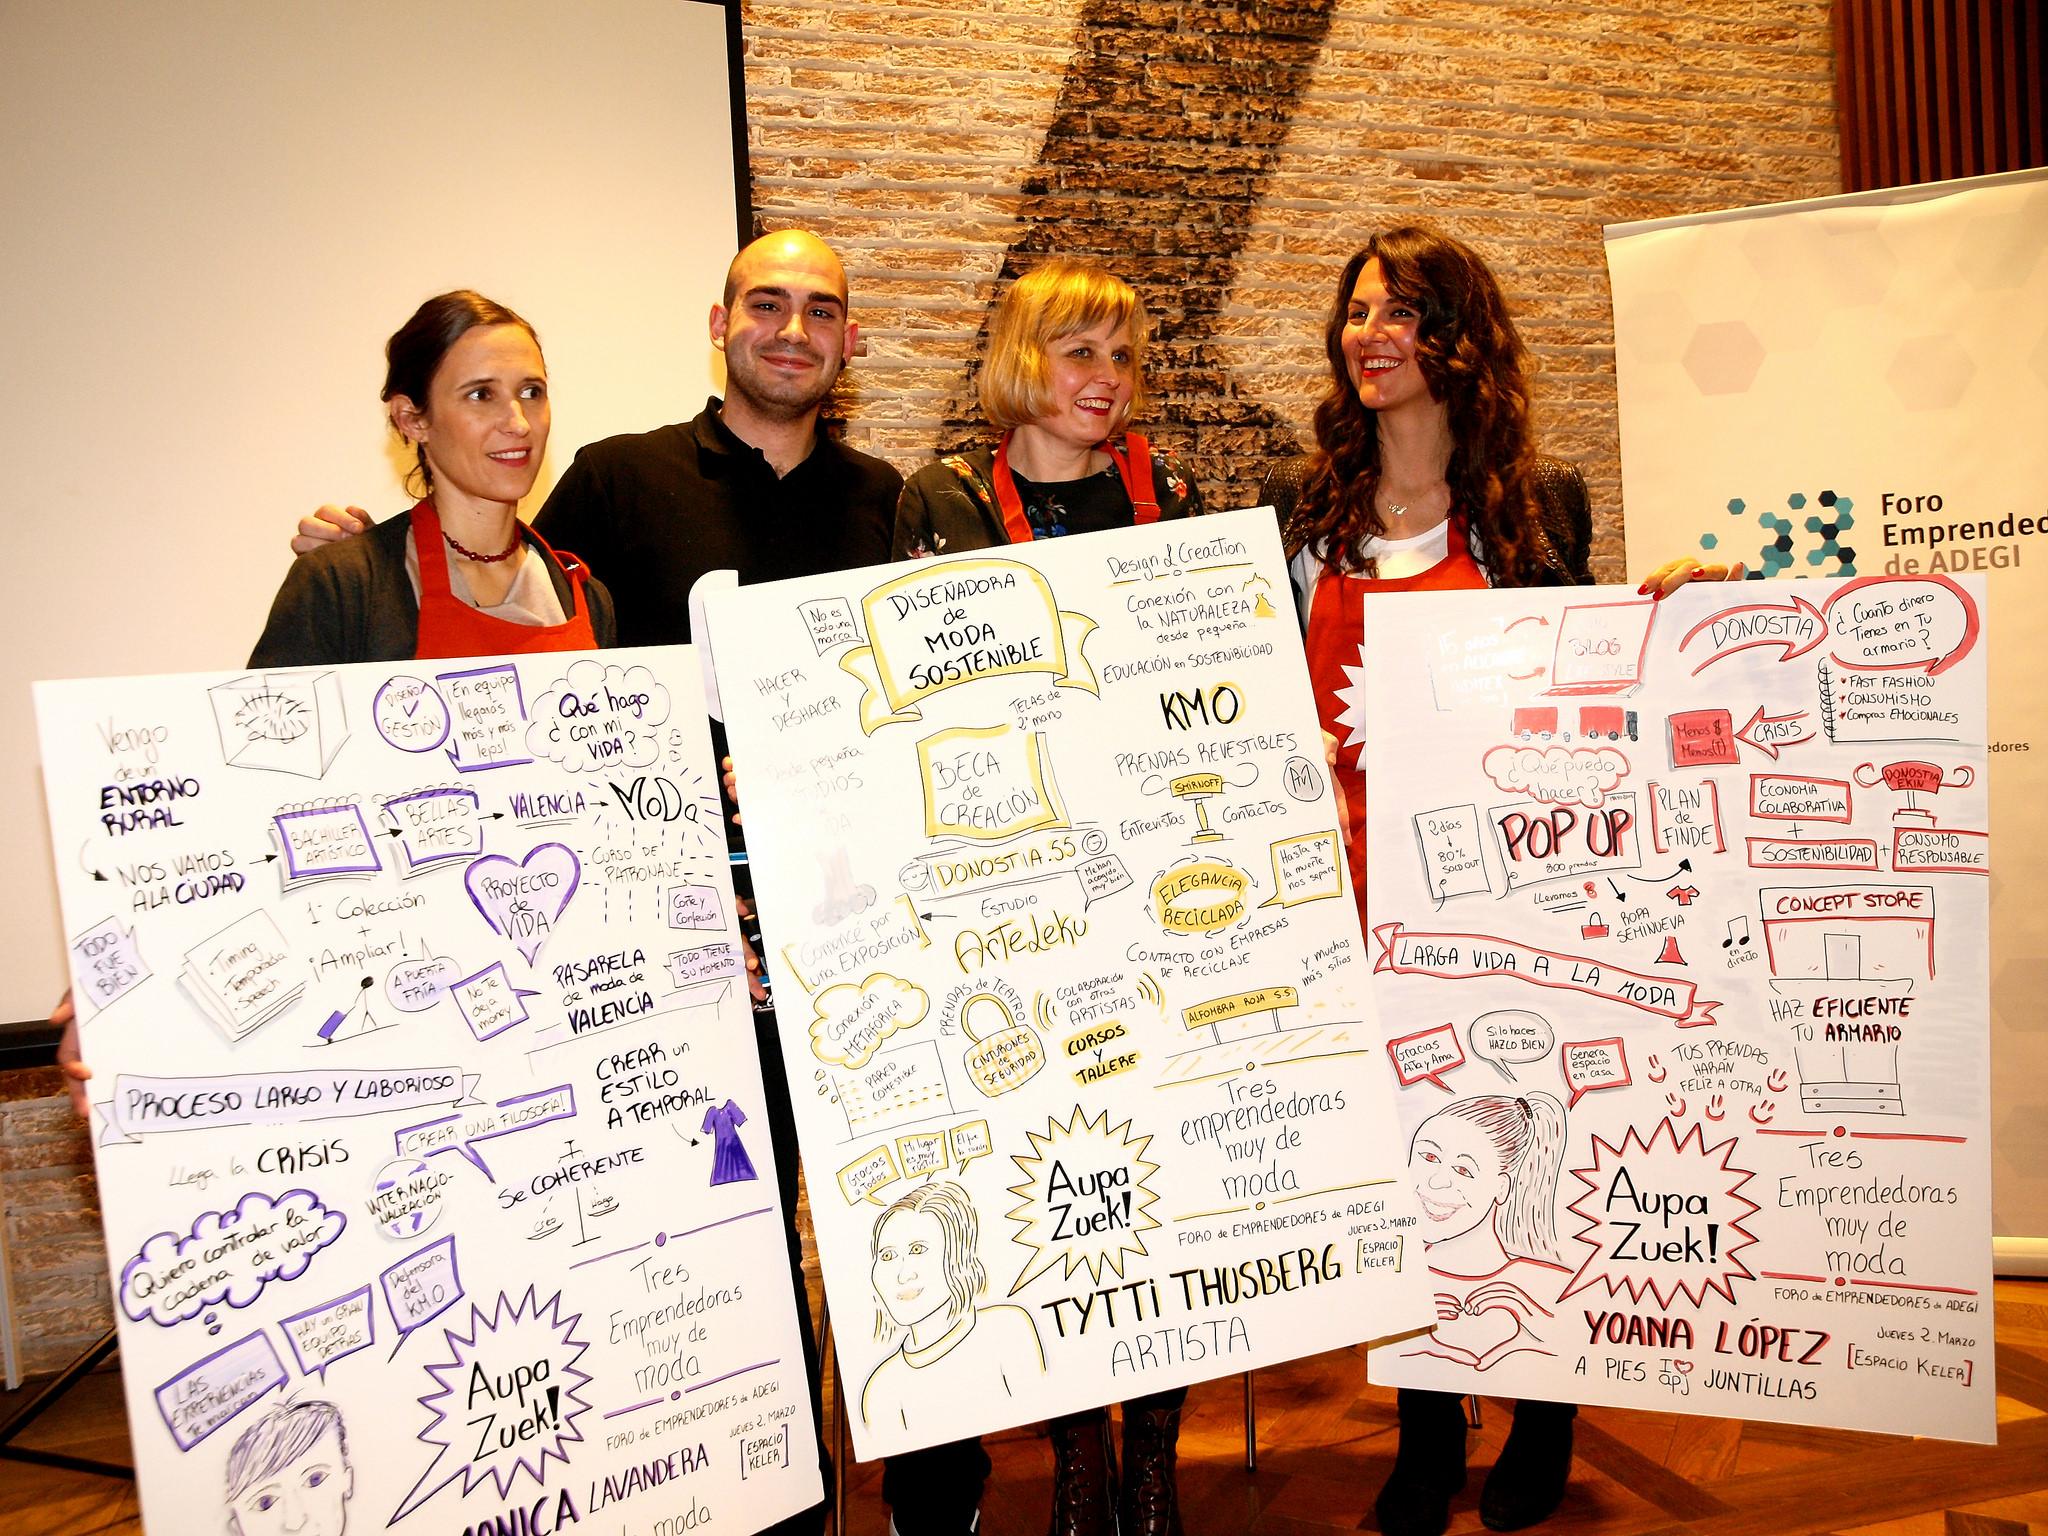 bdb5bb70a Este jueves pasado hemos vuelto a congregar a una parte de la comunidad  emprendedora en el ...